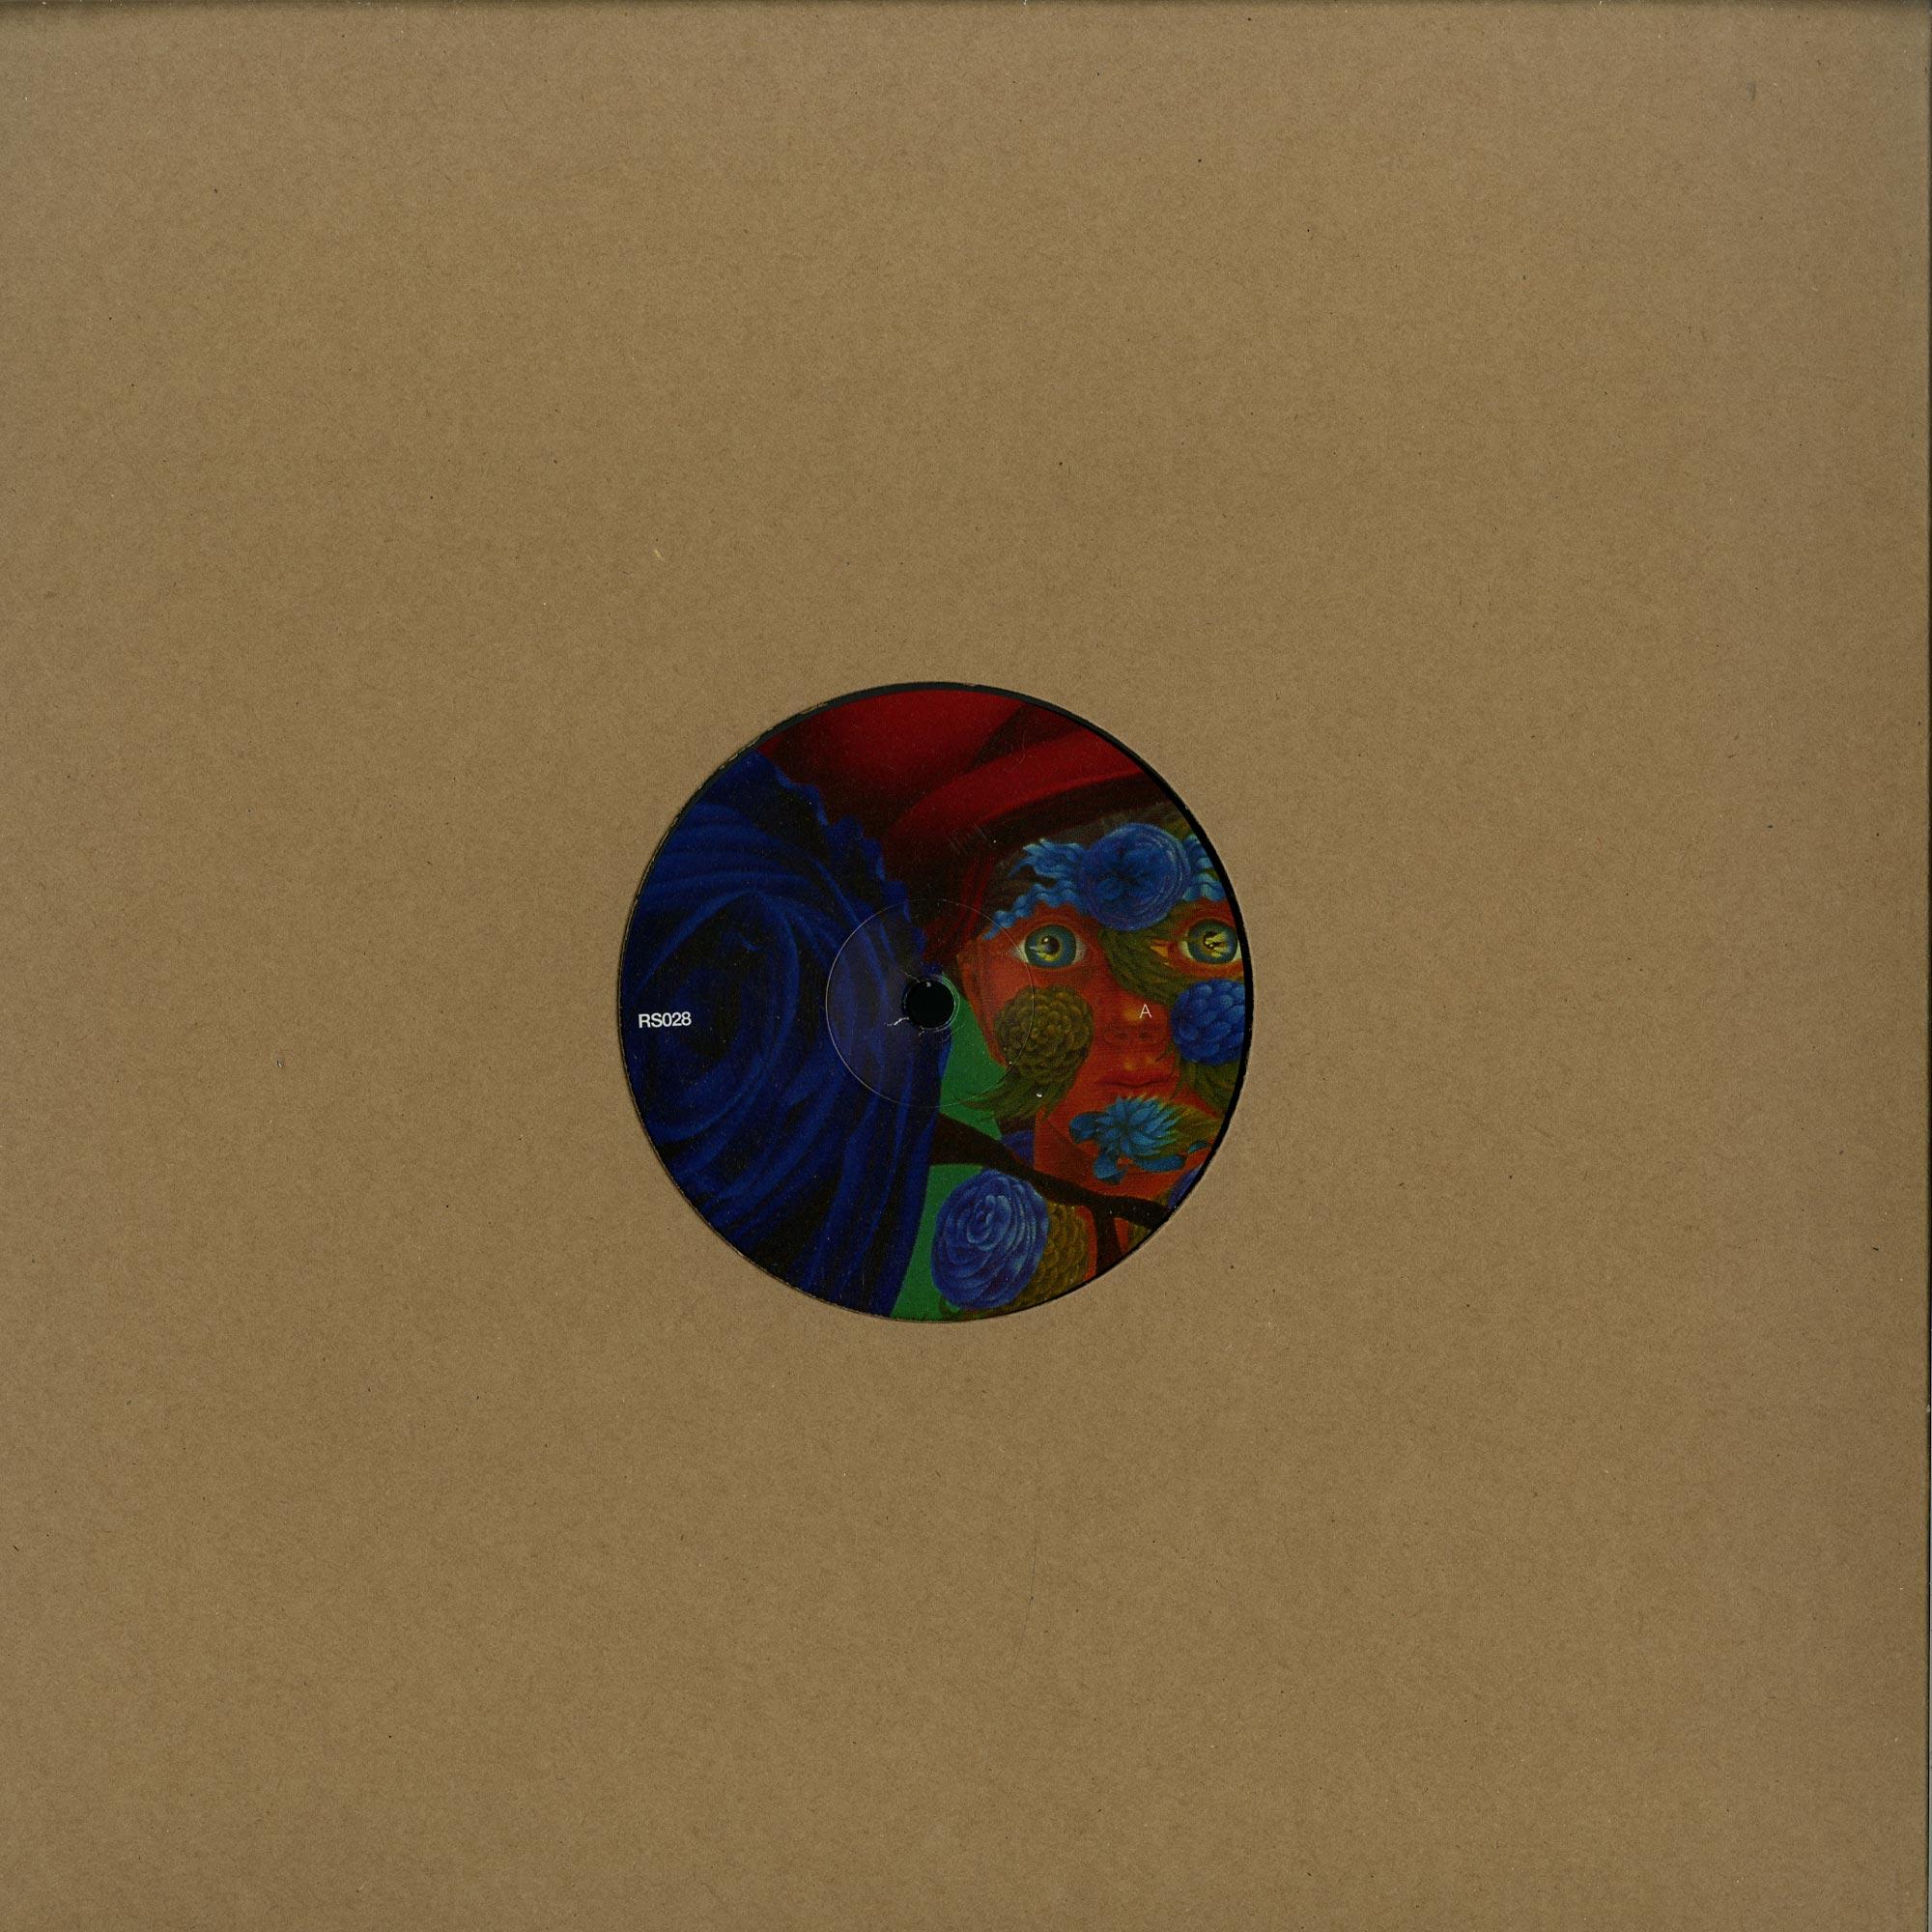 Alton Miller - A SAYS HELLO EP